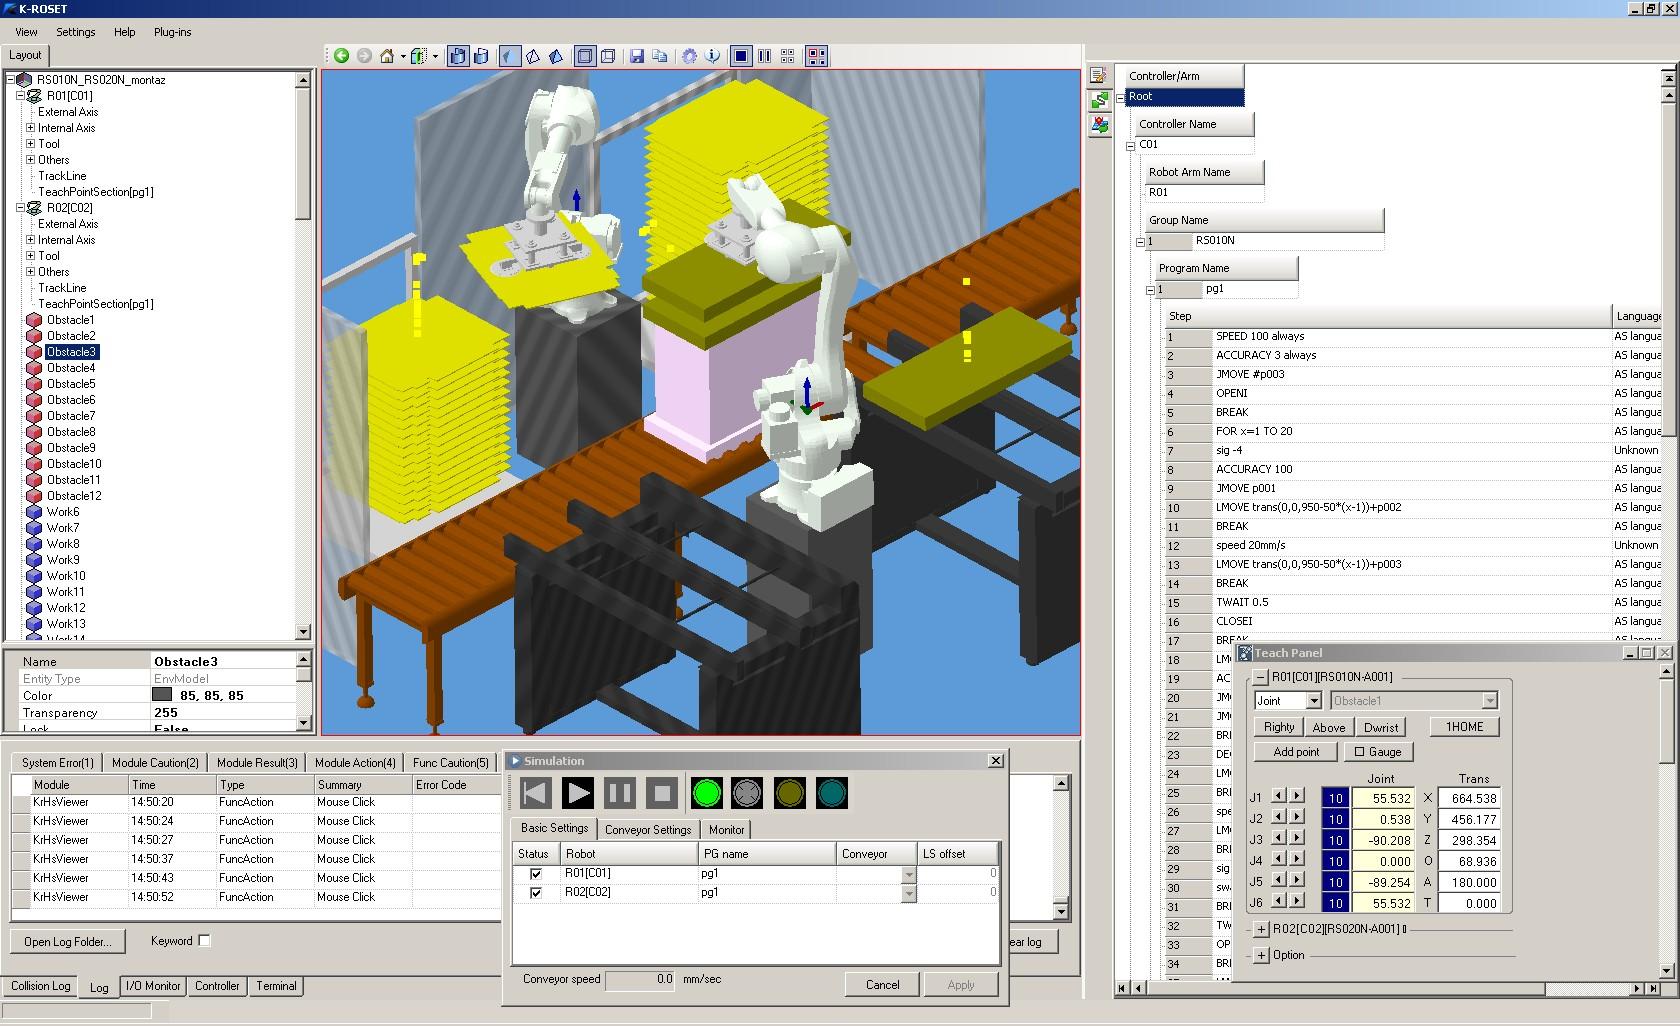 Projektowanie i analiza stanowisk zrobotyzowanych w oprogramowaniu K-Roset